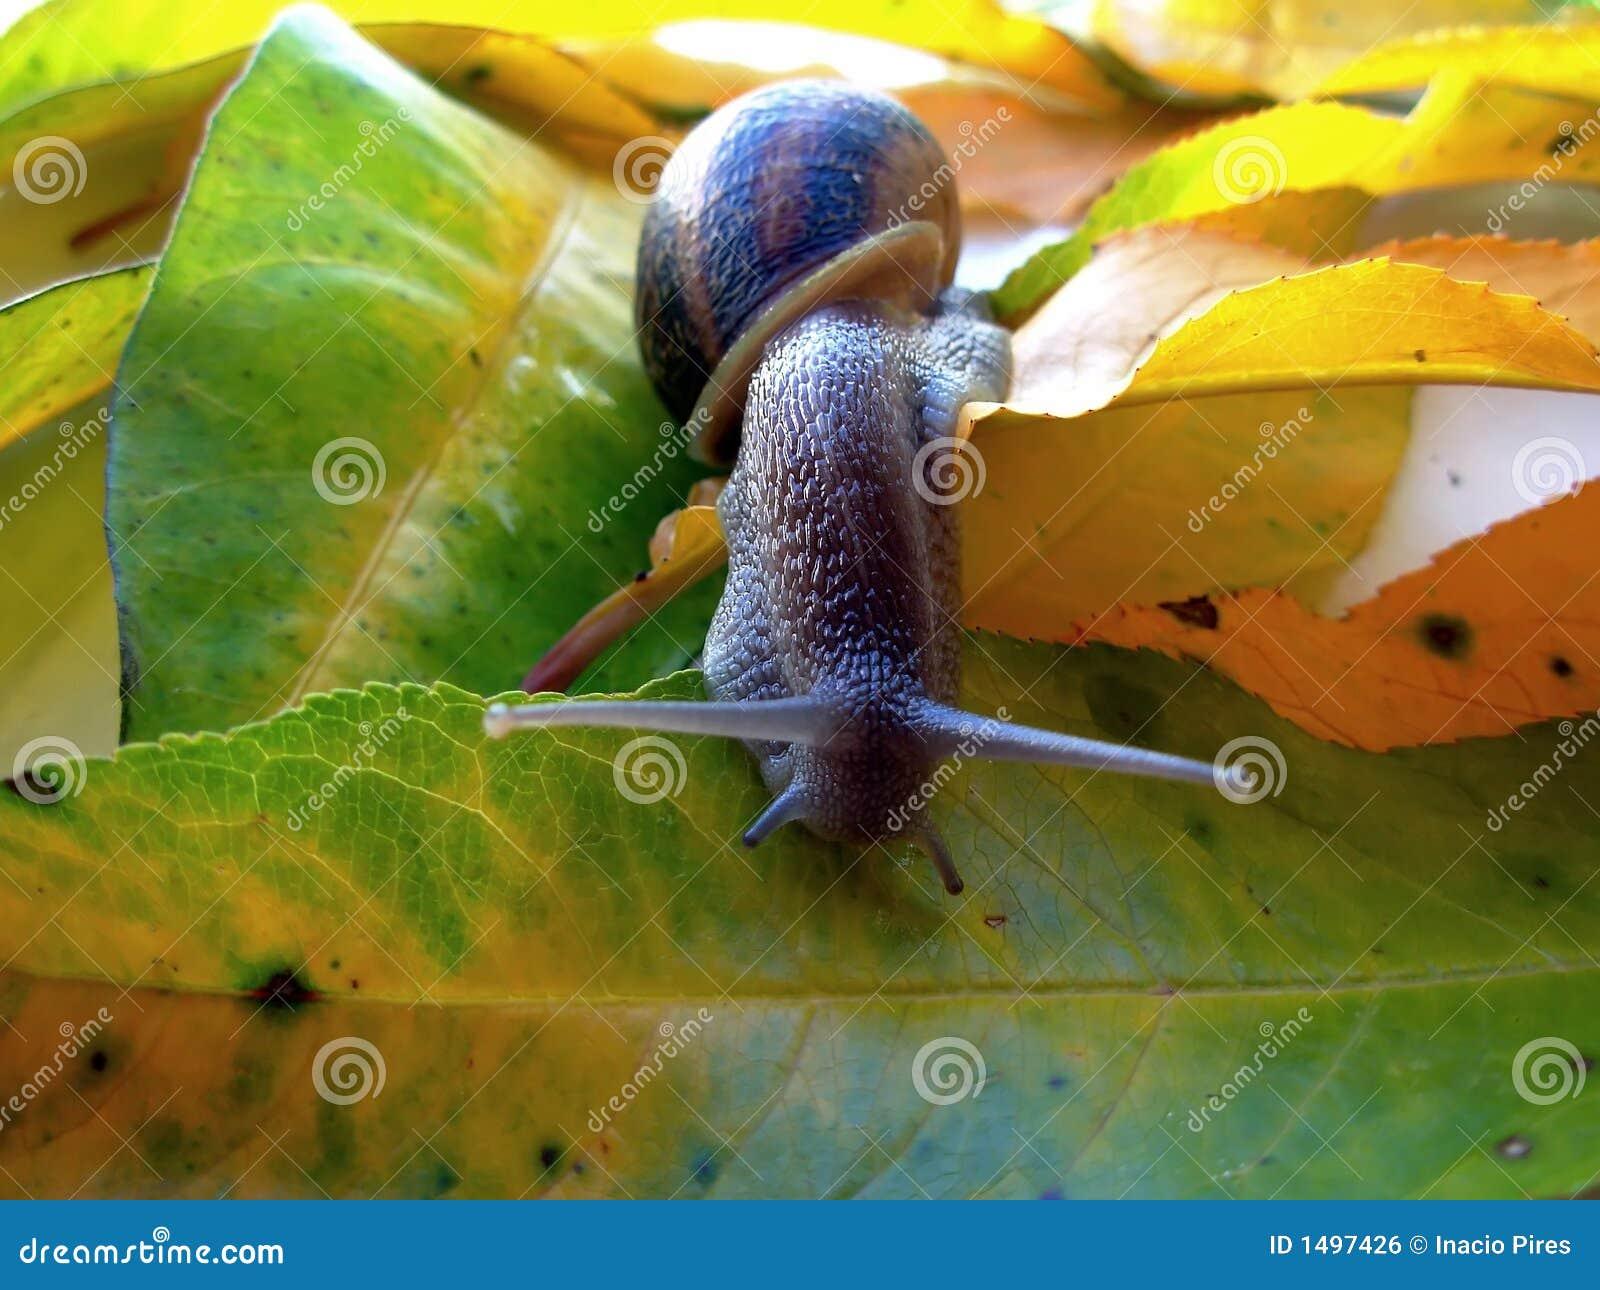 Snail in green leaf